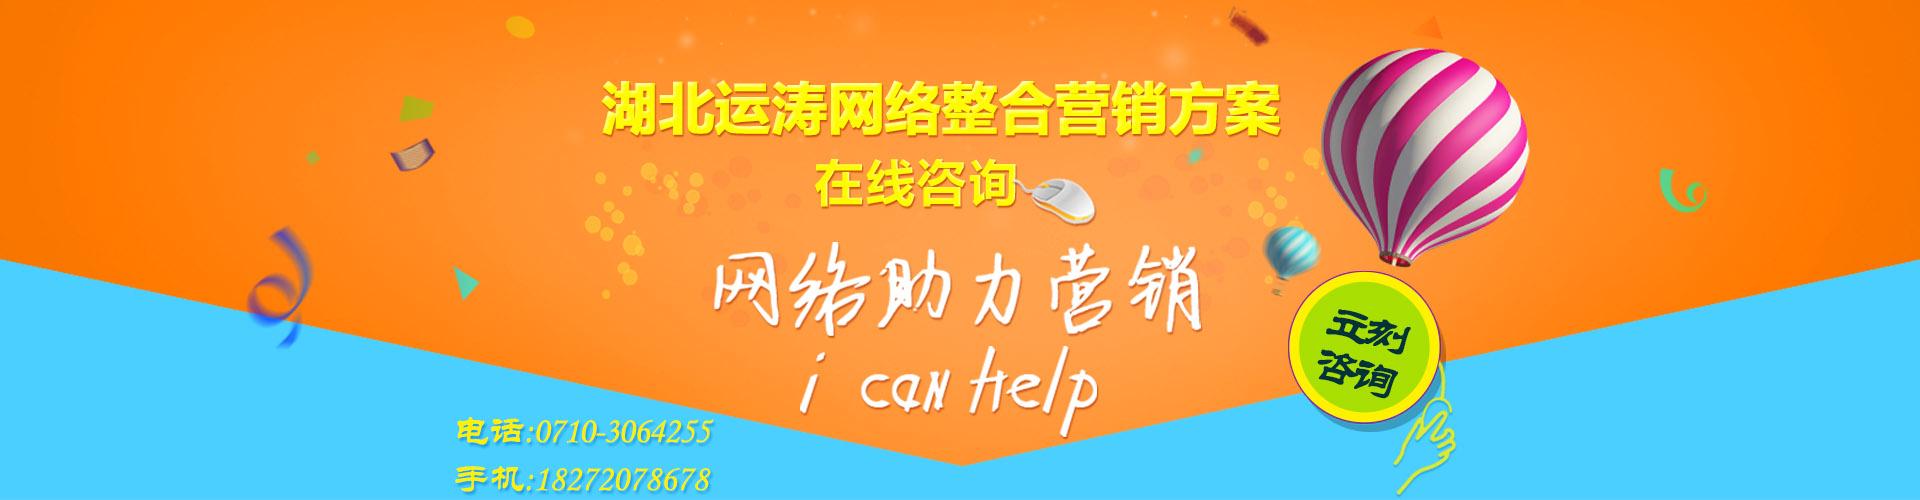 襄陽做網站